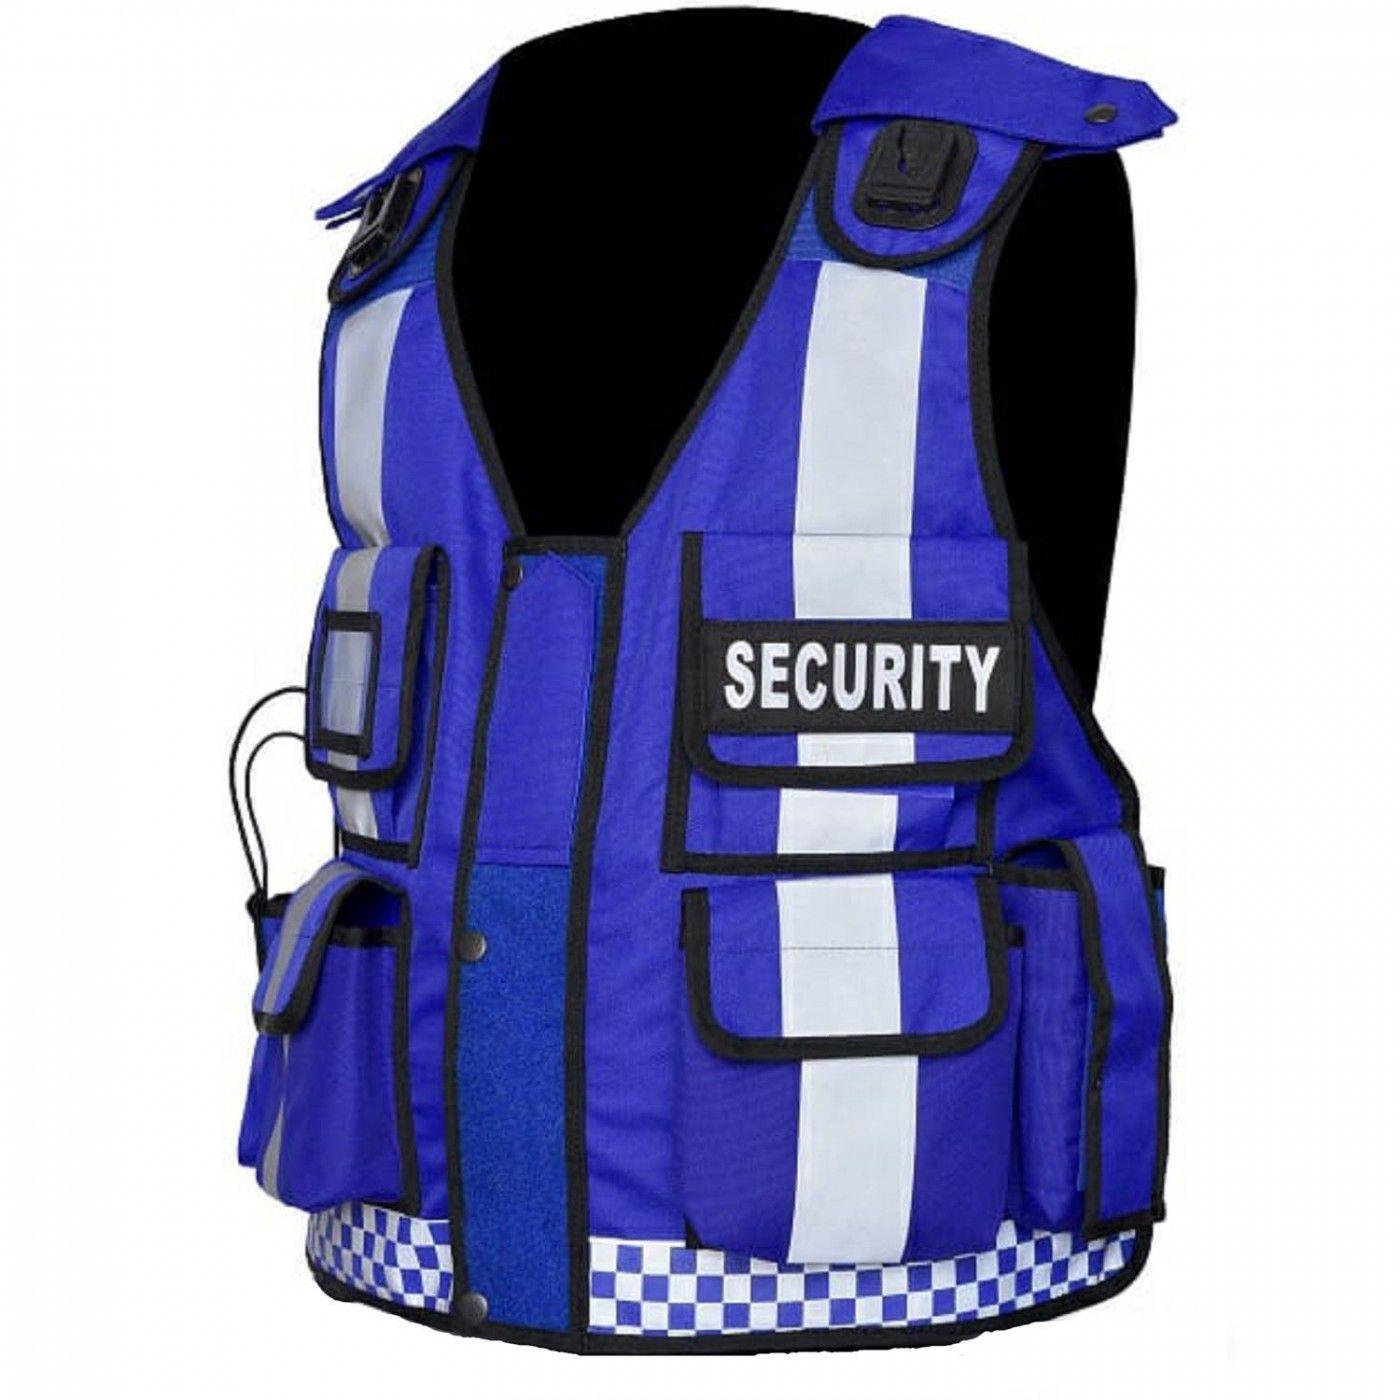 New Hi Viz Tactical Vest Security Enforcement Cctv Dog Handler